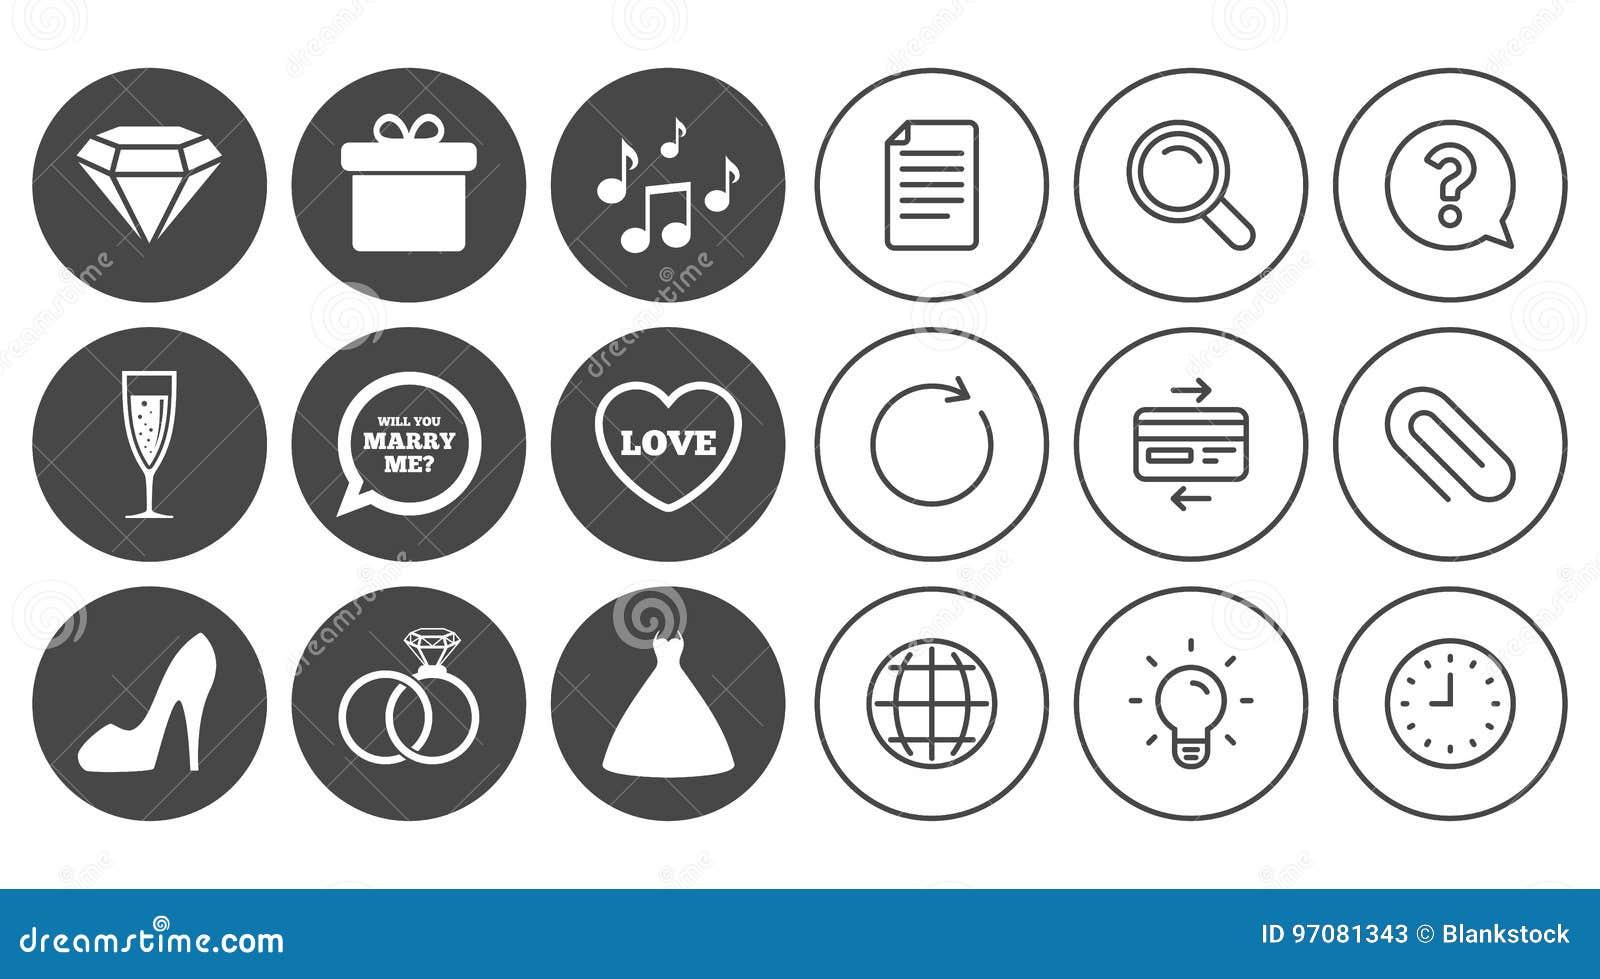 Hochzeit Verpflichtungsikonen Ringe Geschenkbox Vektor Abbildung